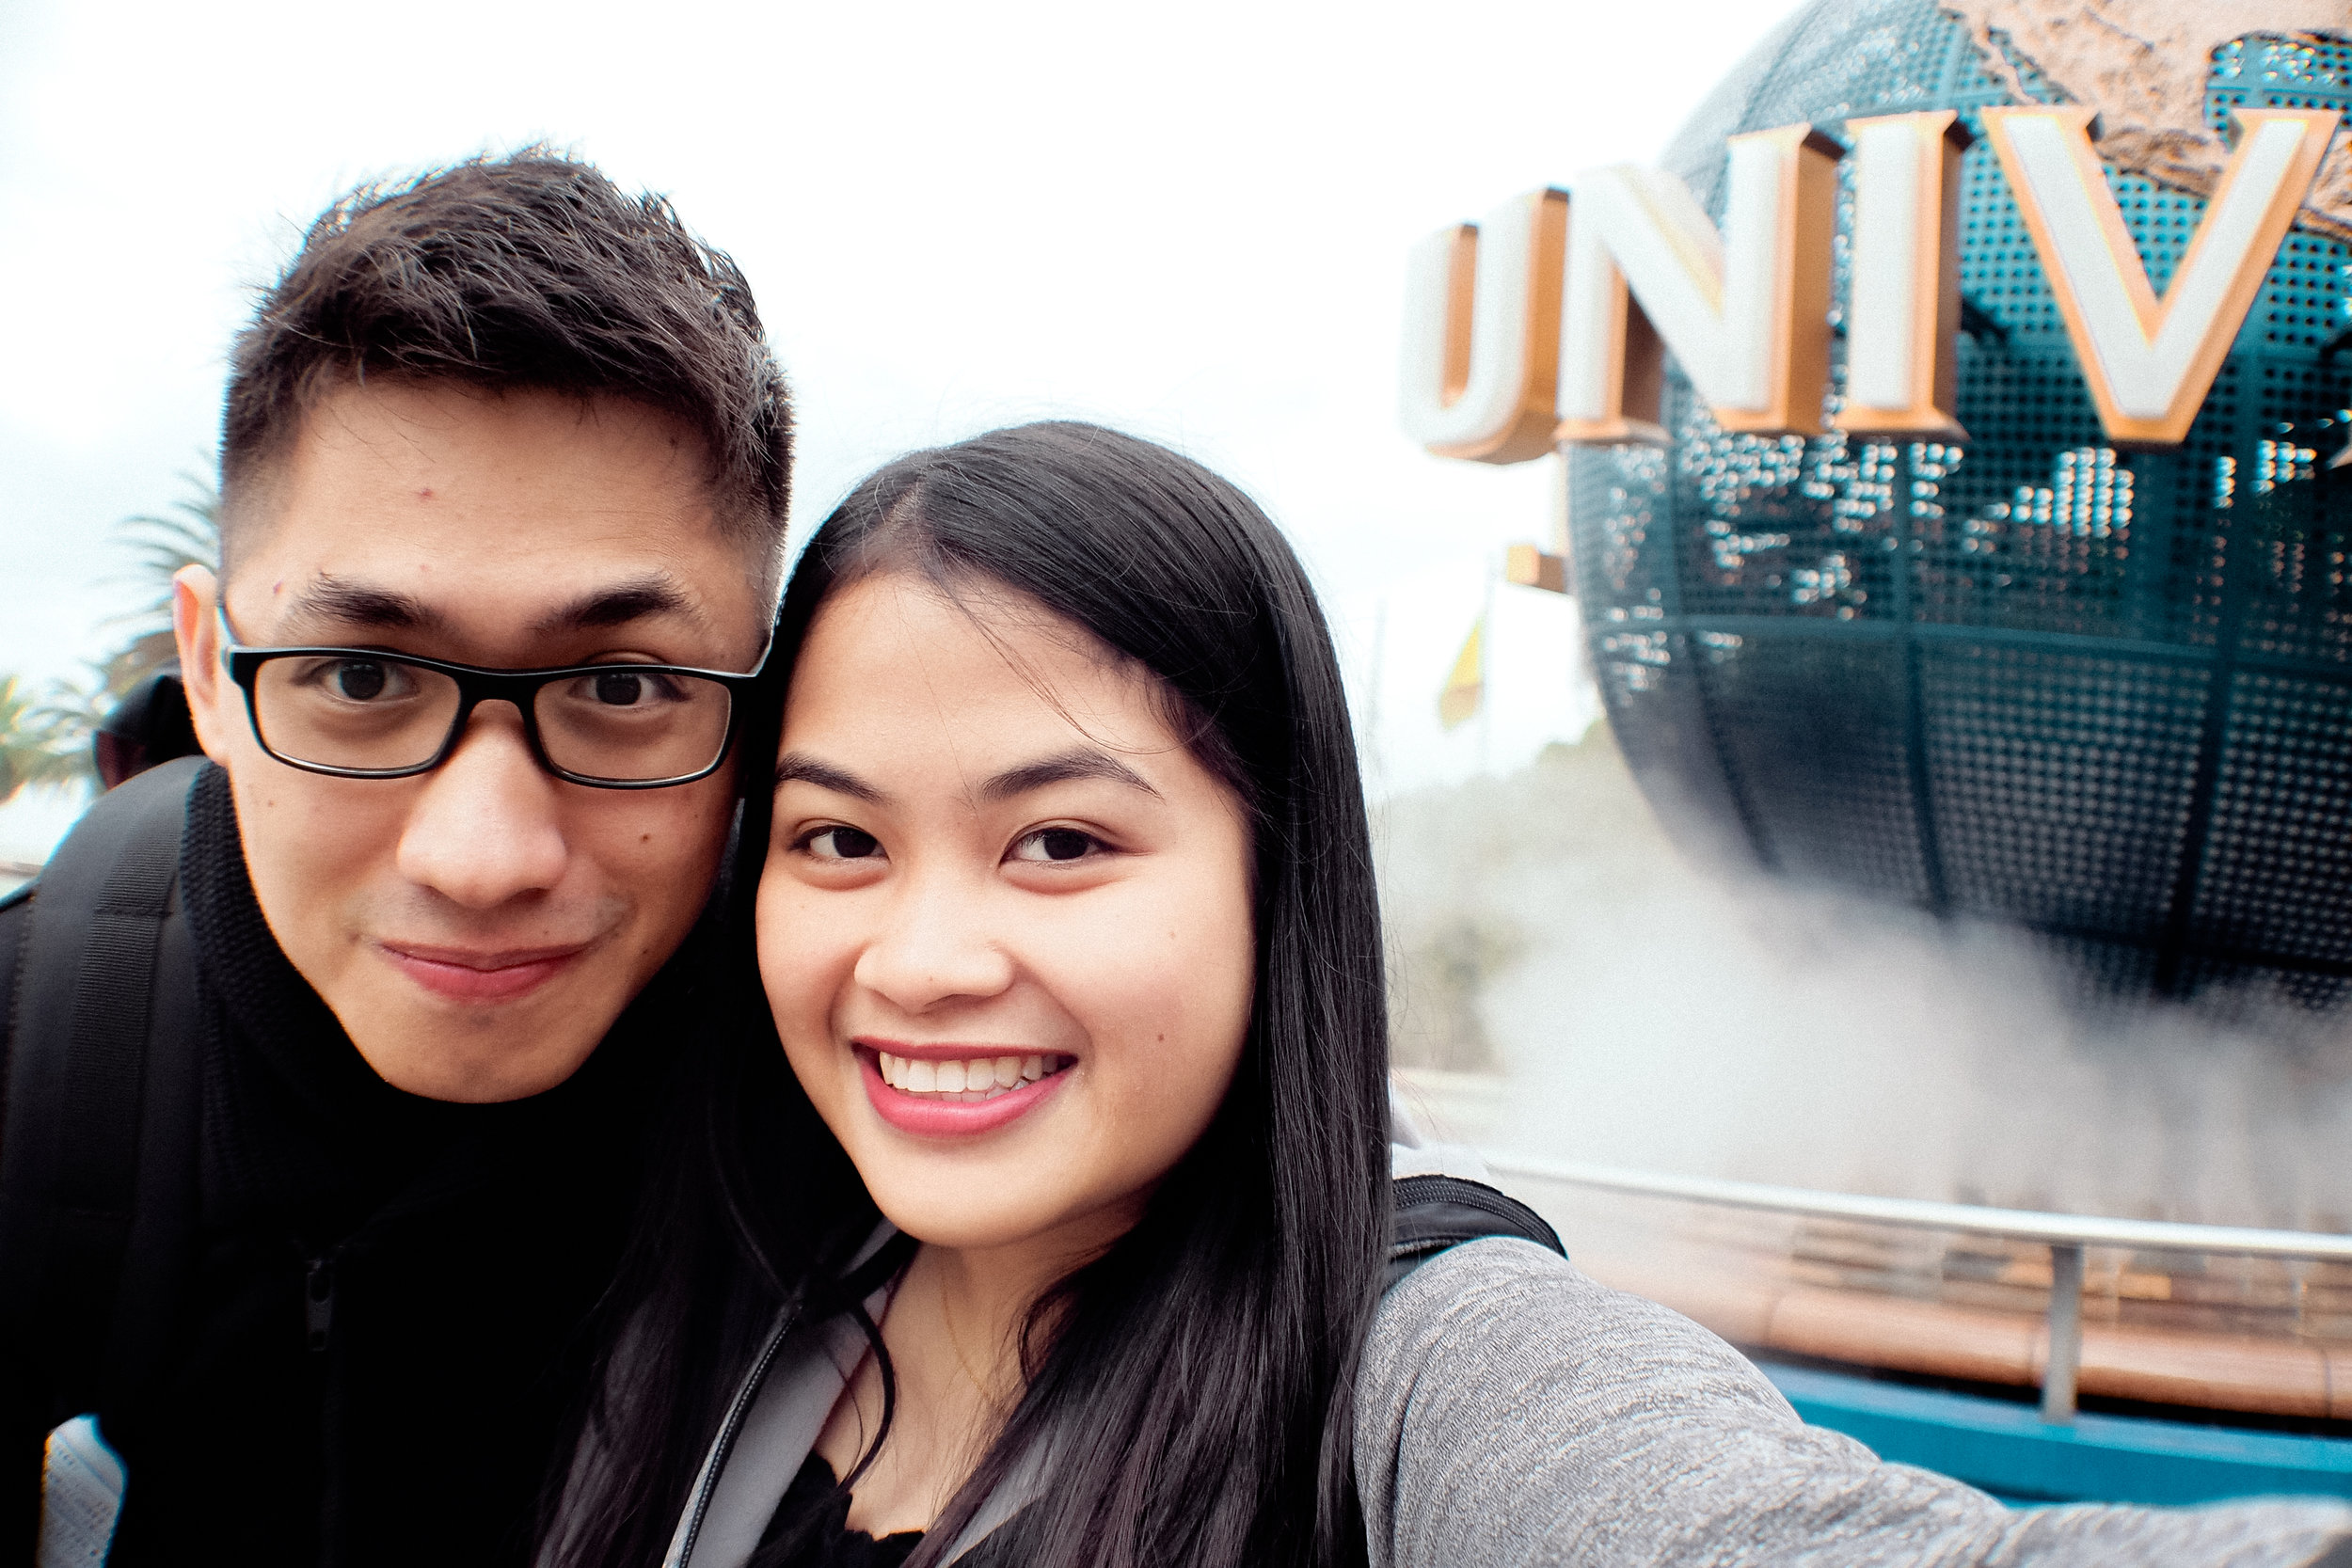 Selfie! We still look fresh here. Lol.